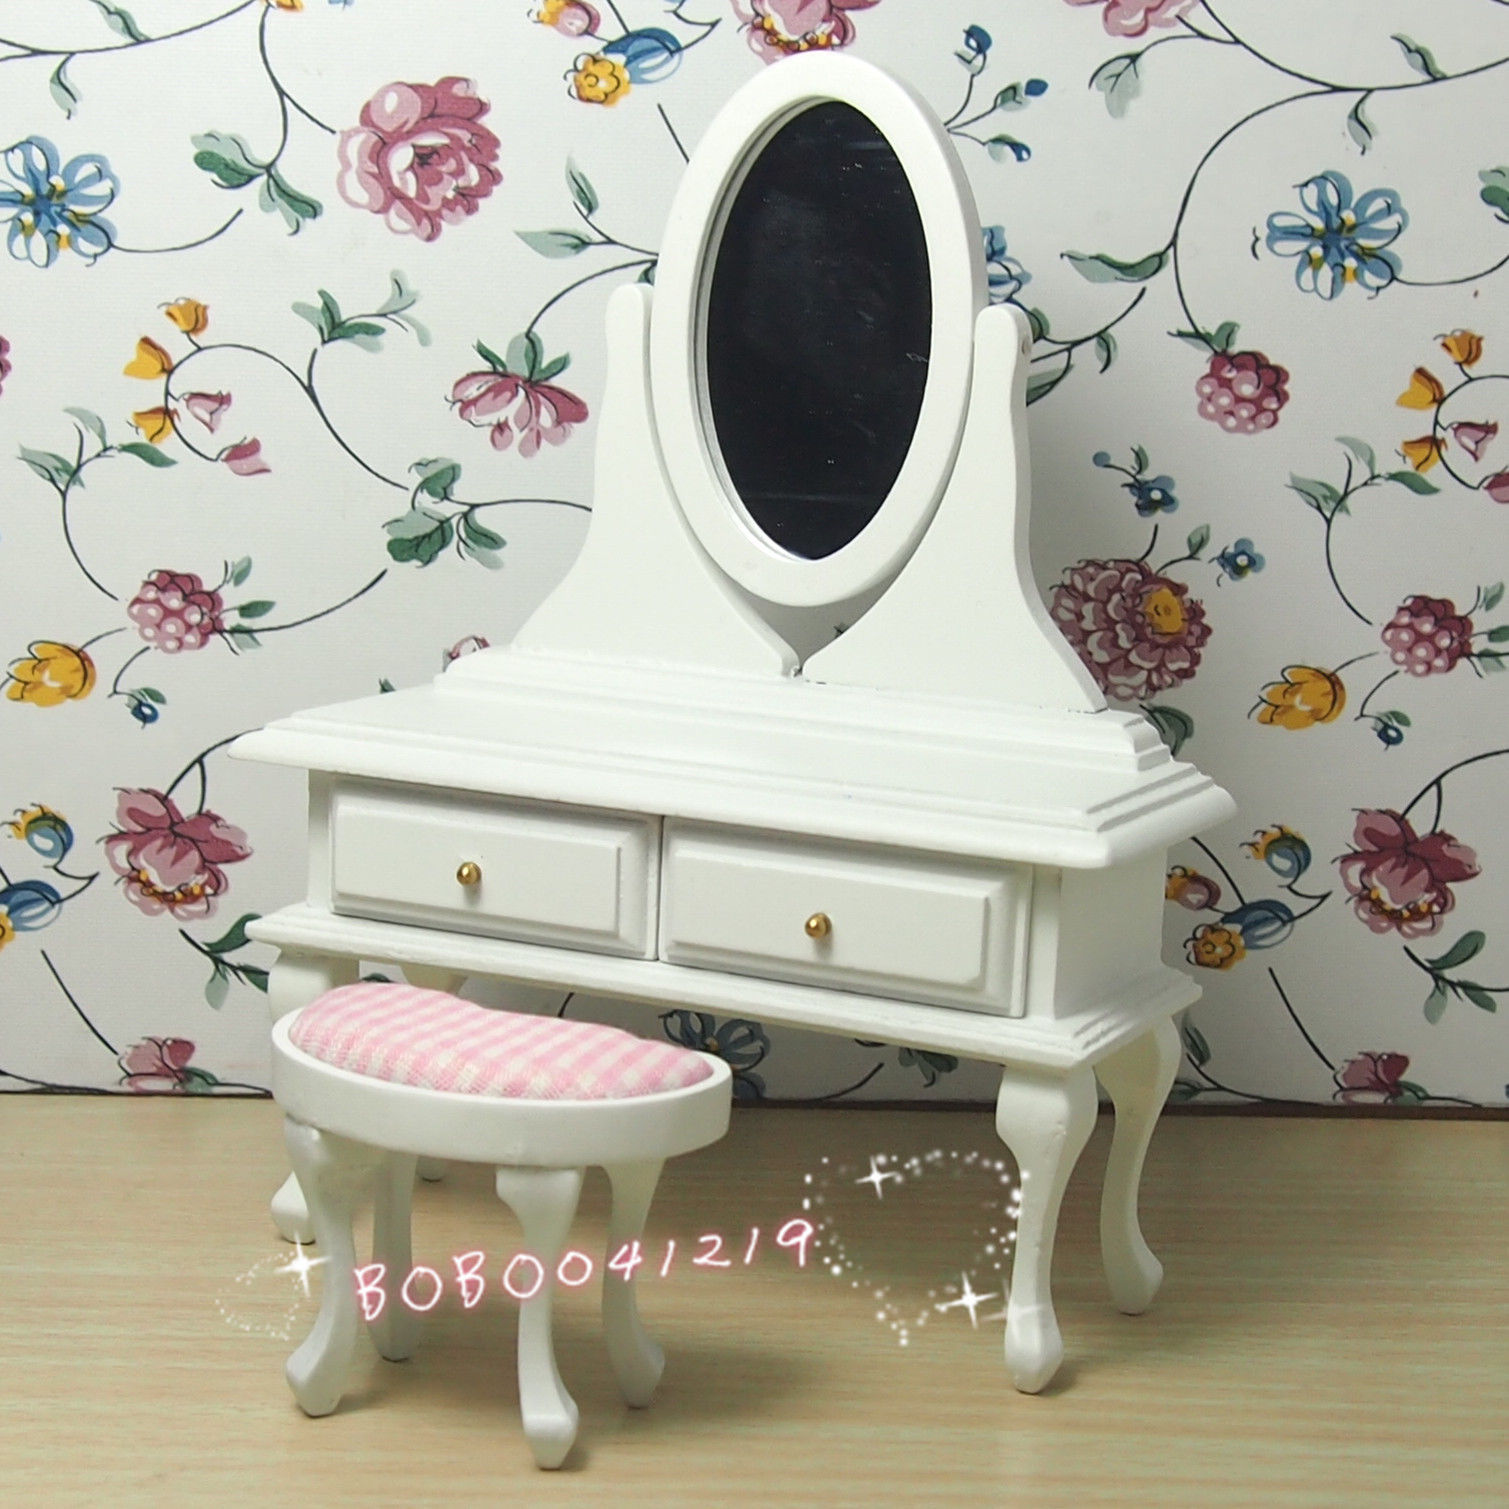 online kaufen großhandel weiß schlafzimmer bank aus china ... - Schlafzimmer Bank Weis